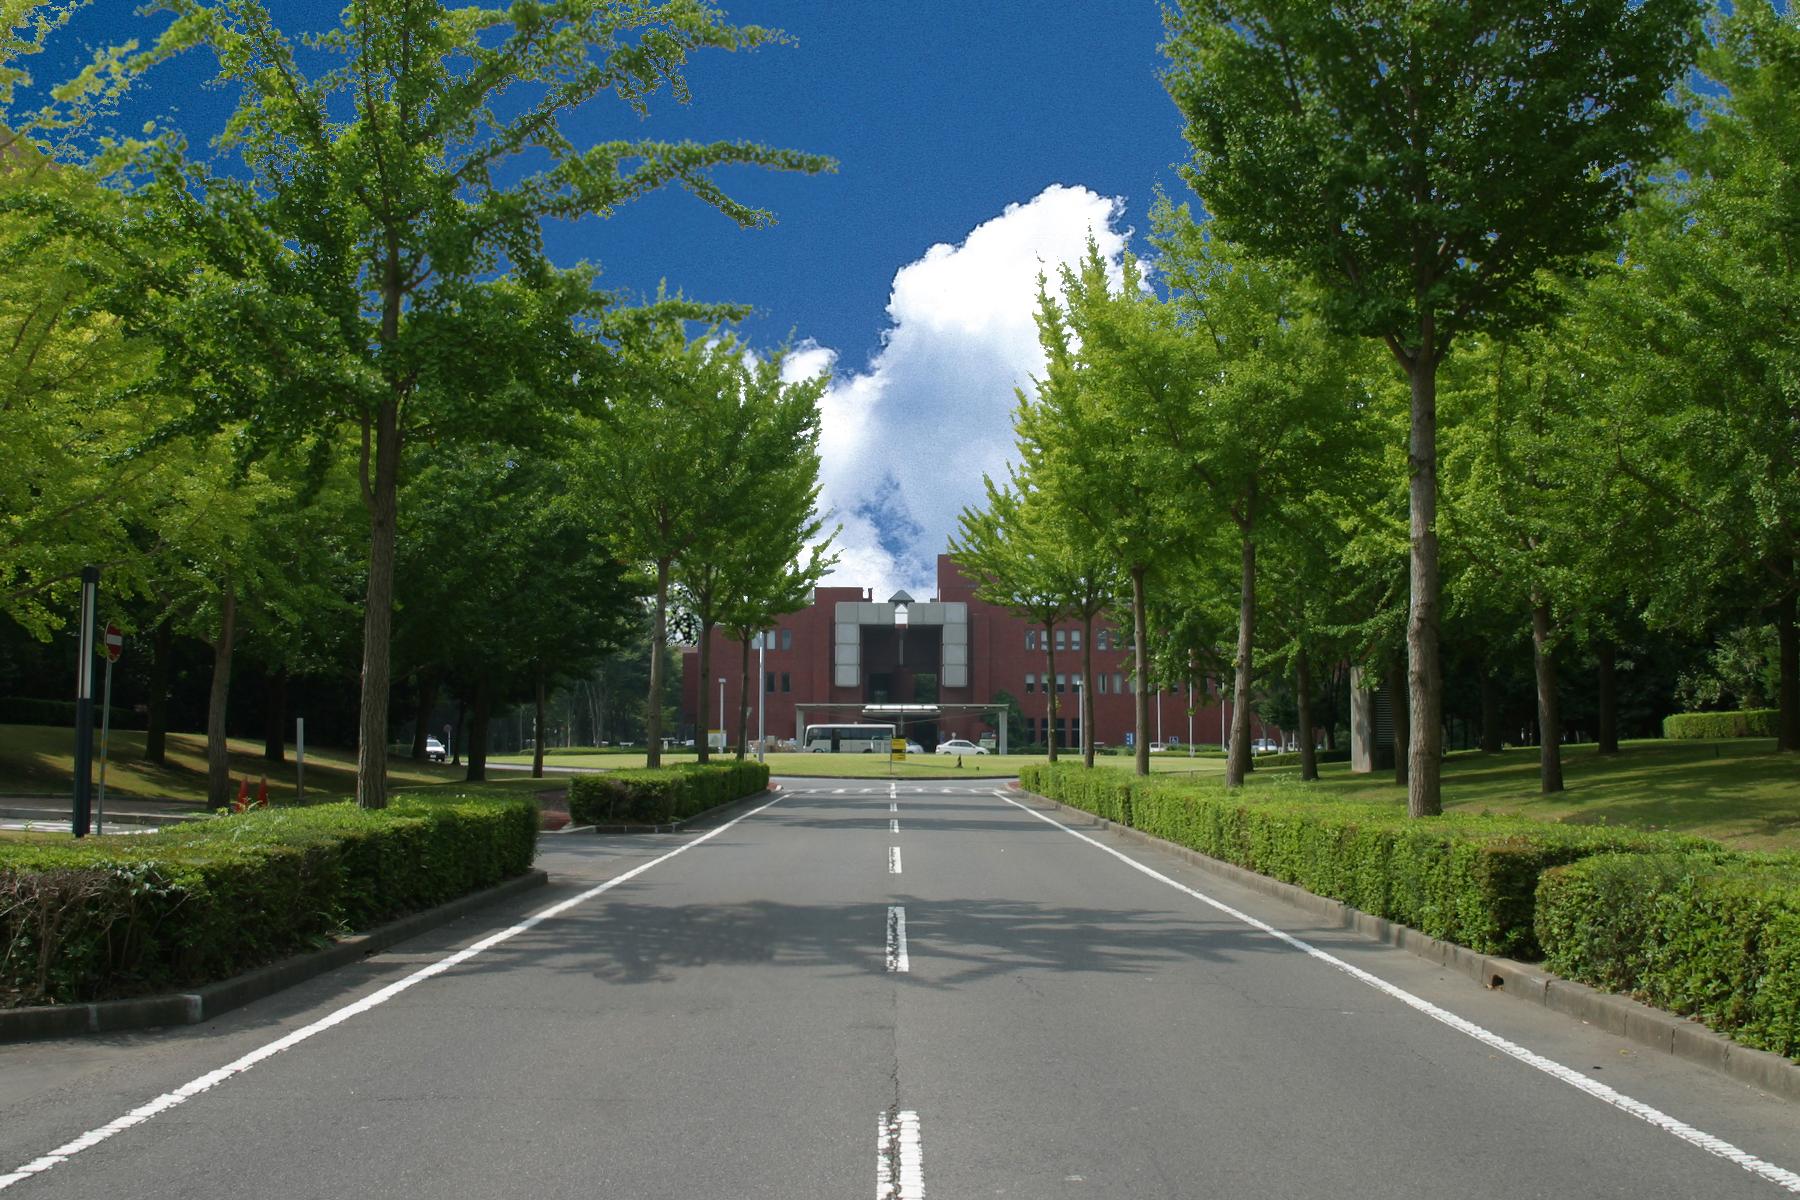 つくばセンターの中央地区はイチョウ並木が出迎えてくれます。秋は綺麗に色づきますよ。